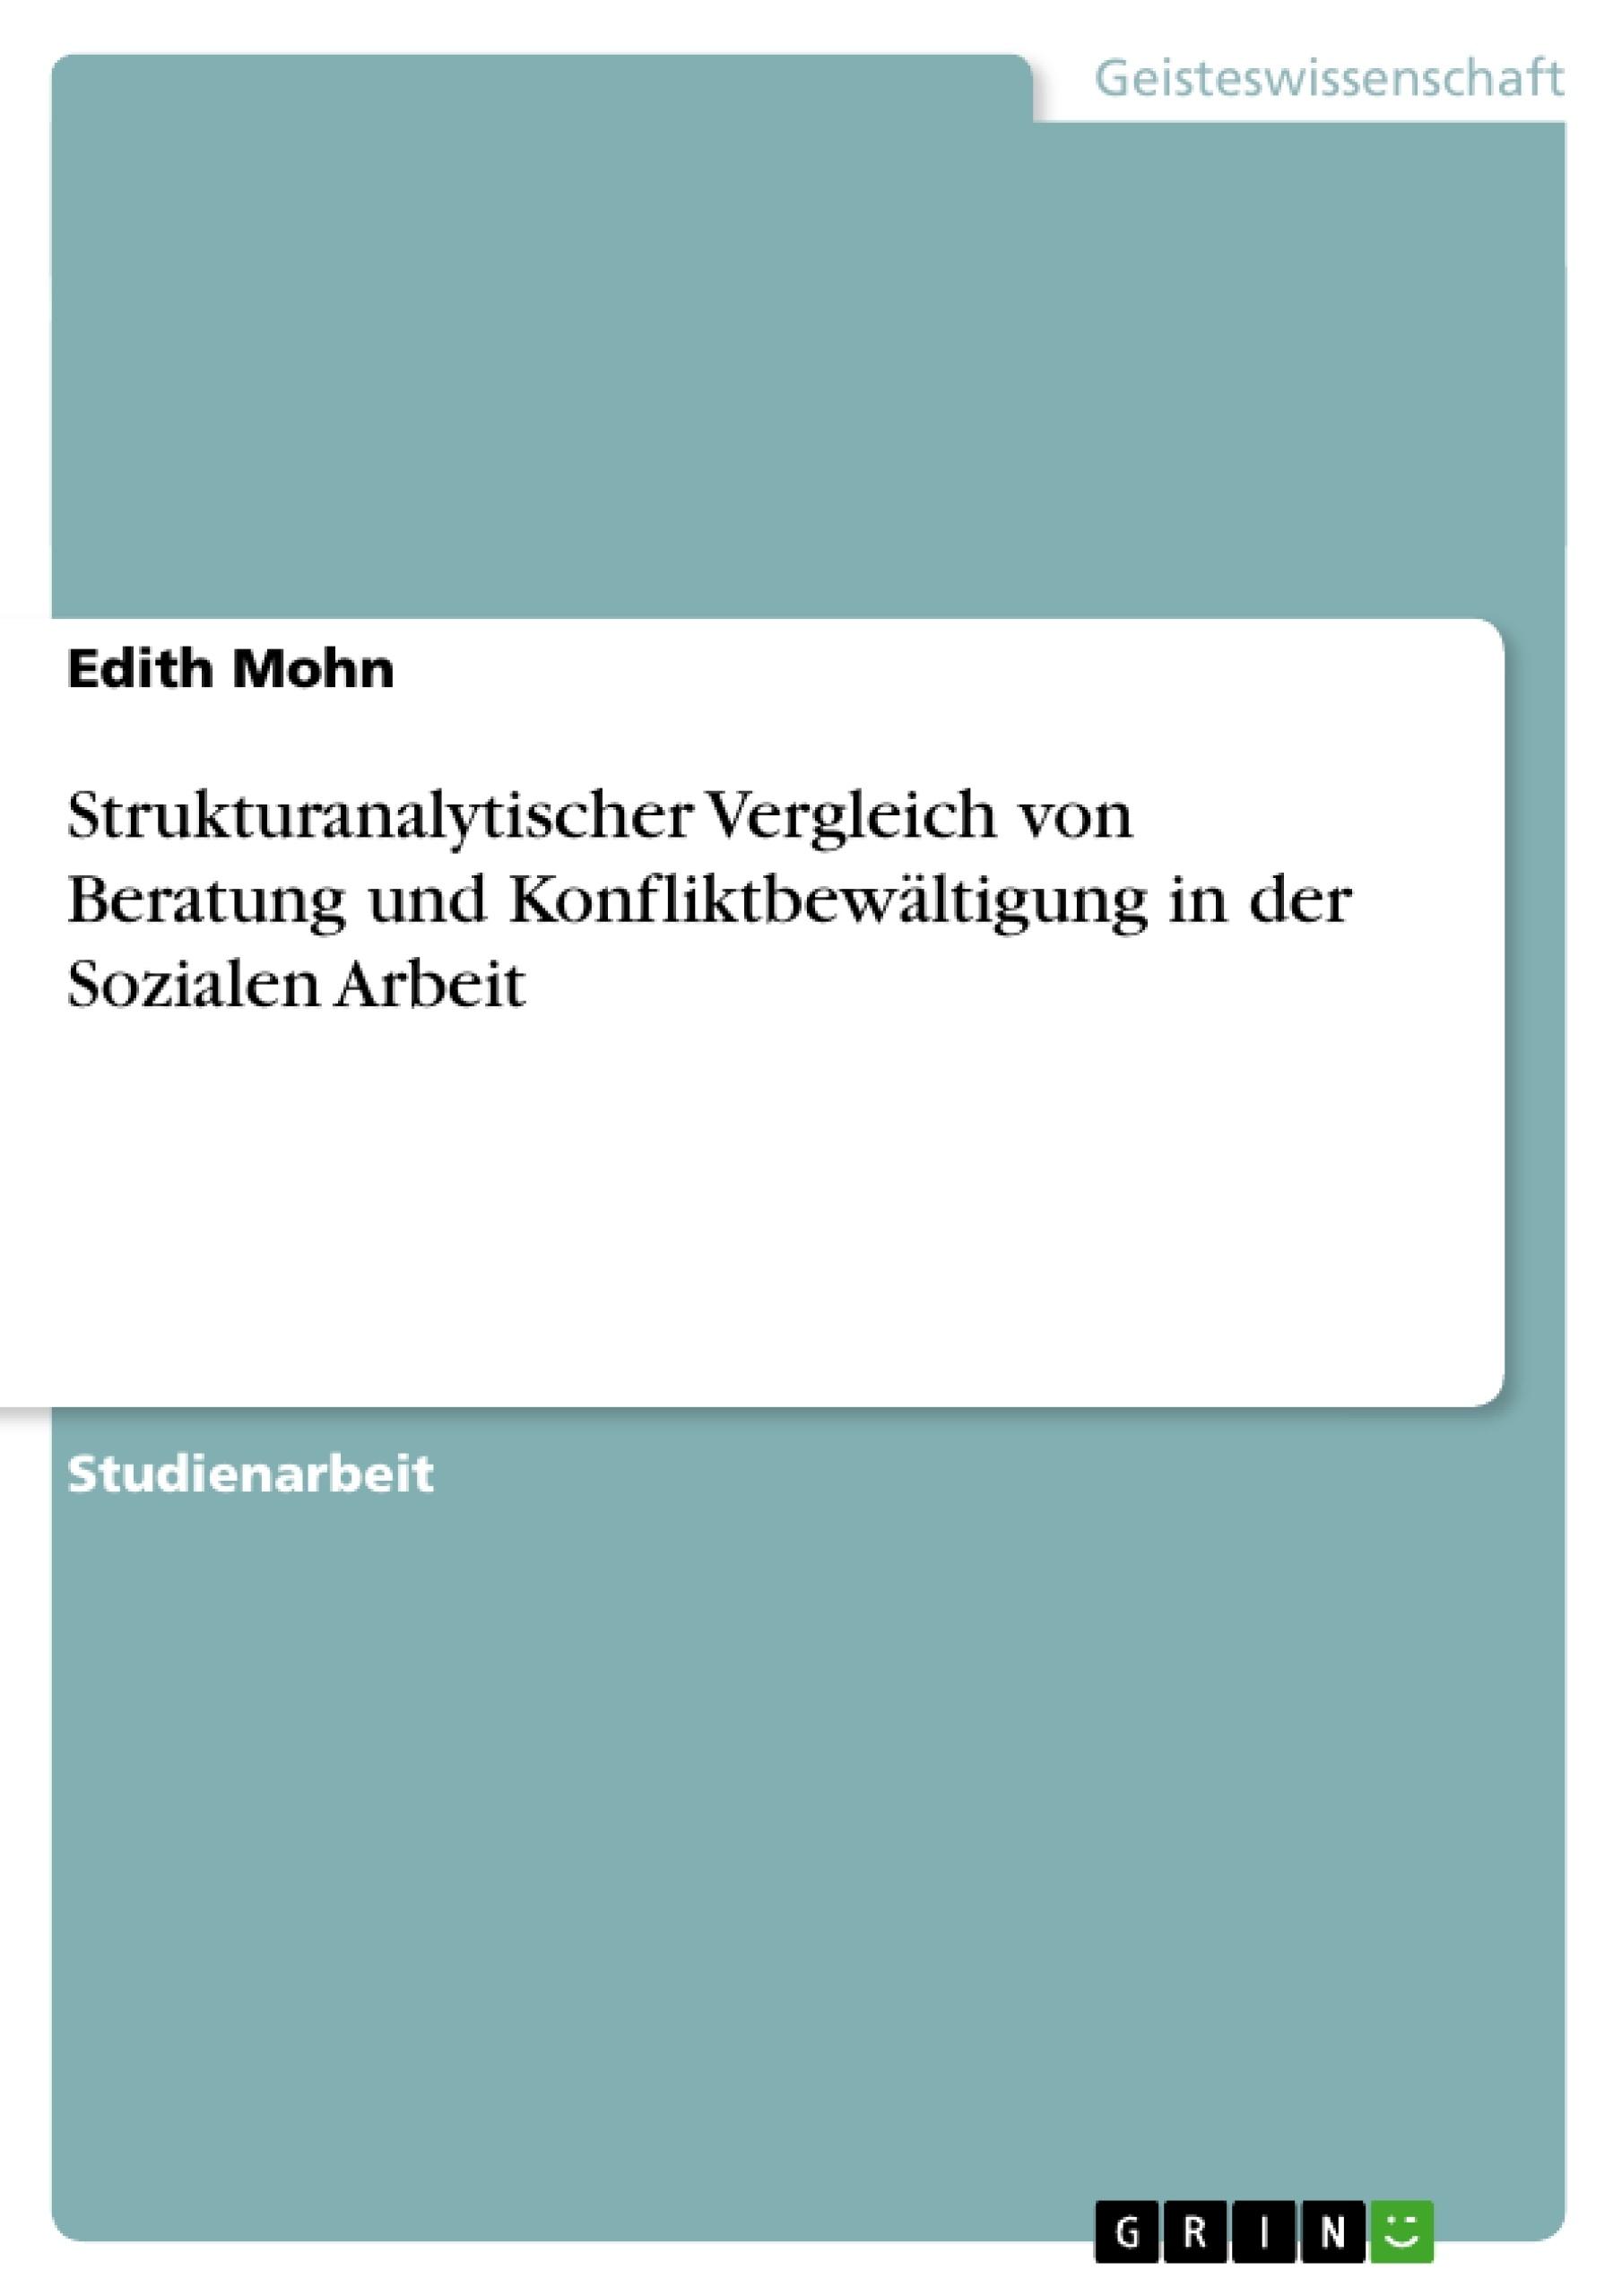 Titel: Strukturanalytischer Vergleich von Beratung und Konfliktbewältigung in der Sozialen Arbeit